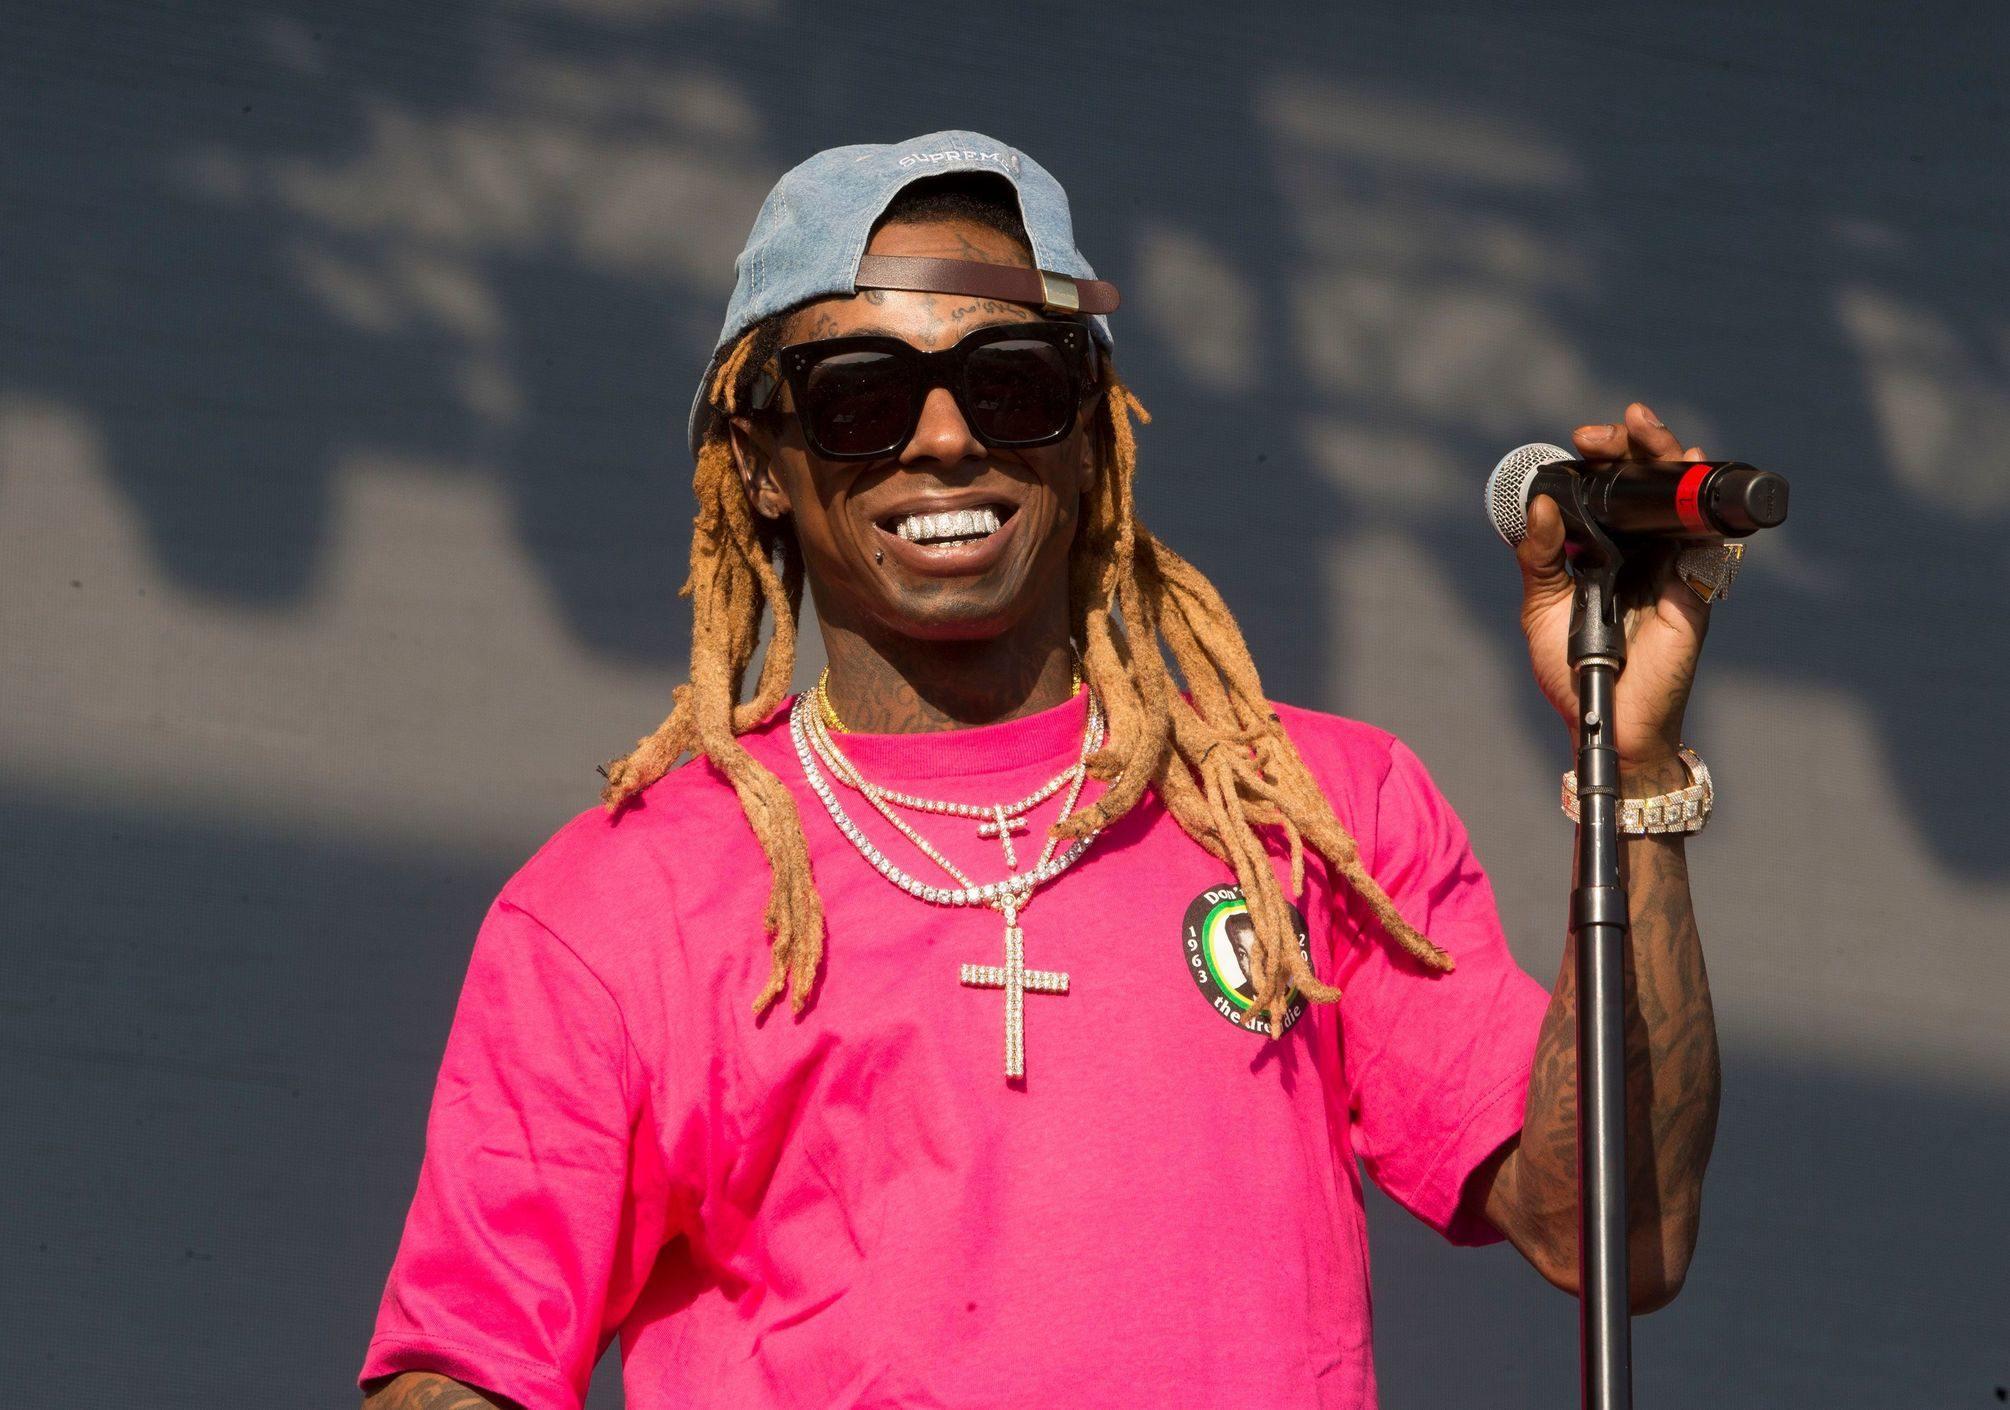 Lil Wayne wearing pink tshirt